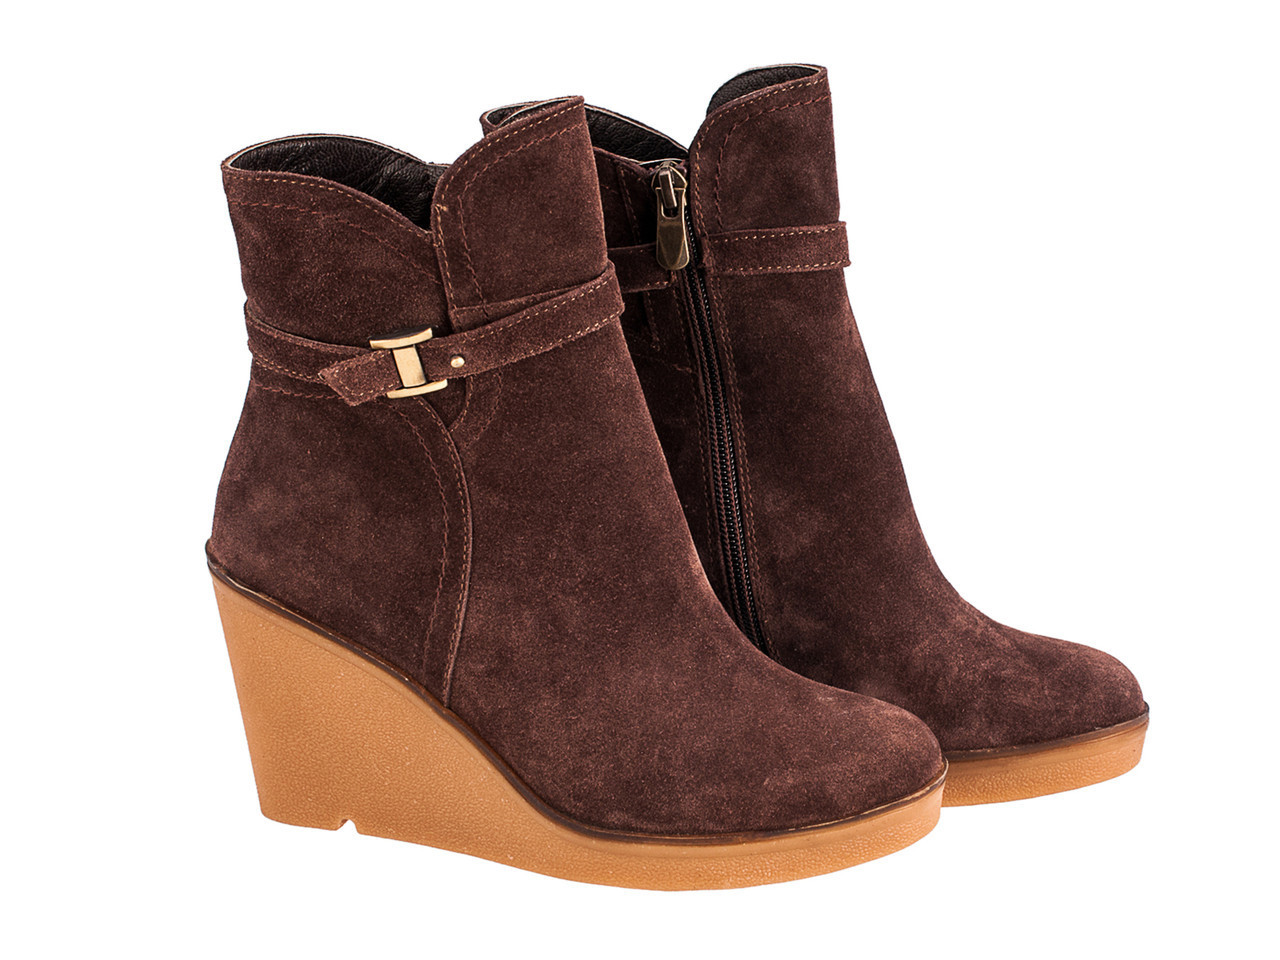 Ботинки Etor 5905-02510-1-0041 38 коричневые